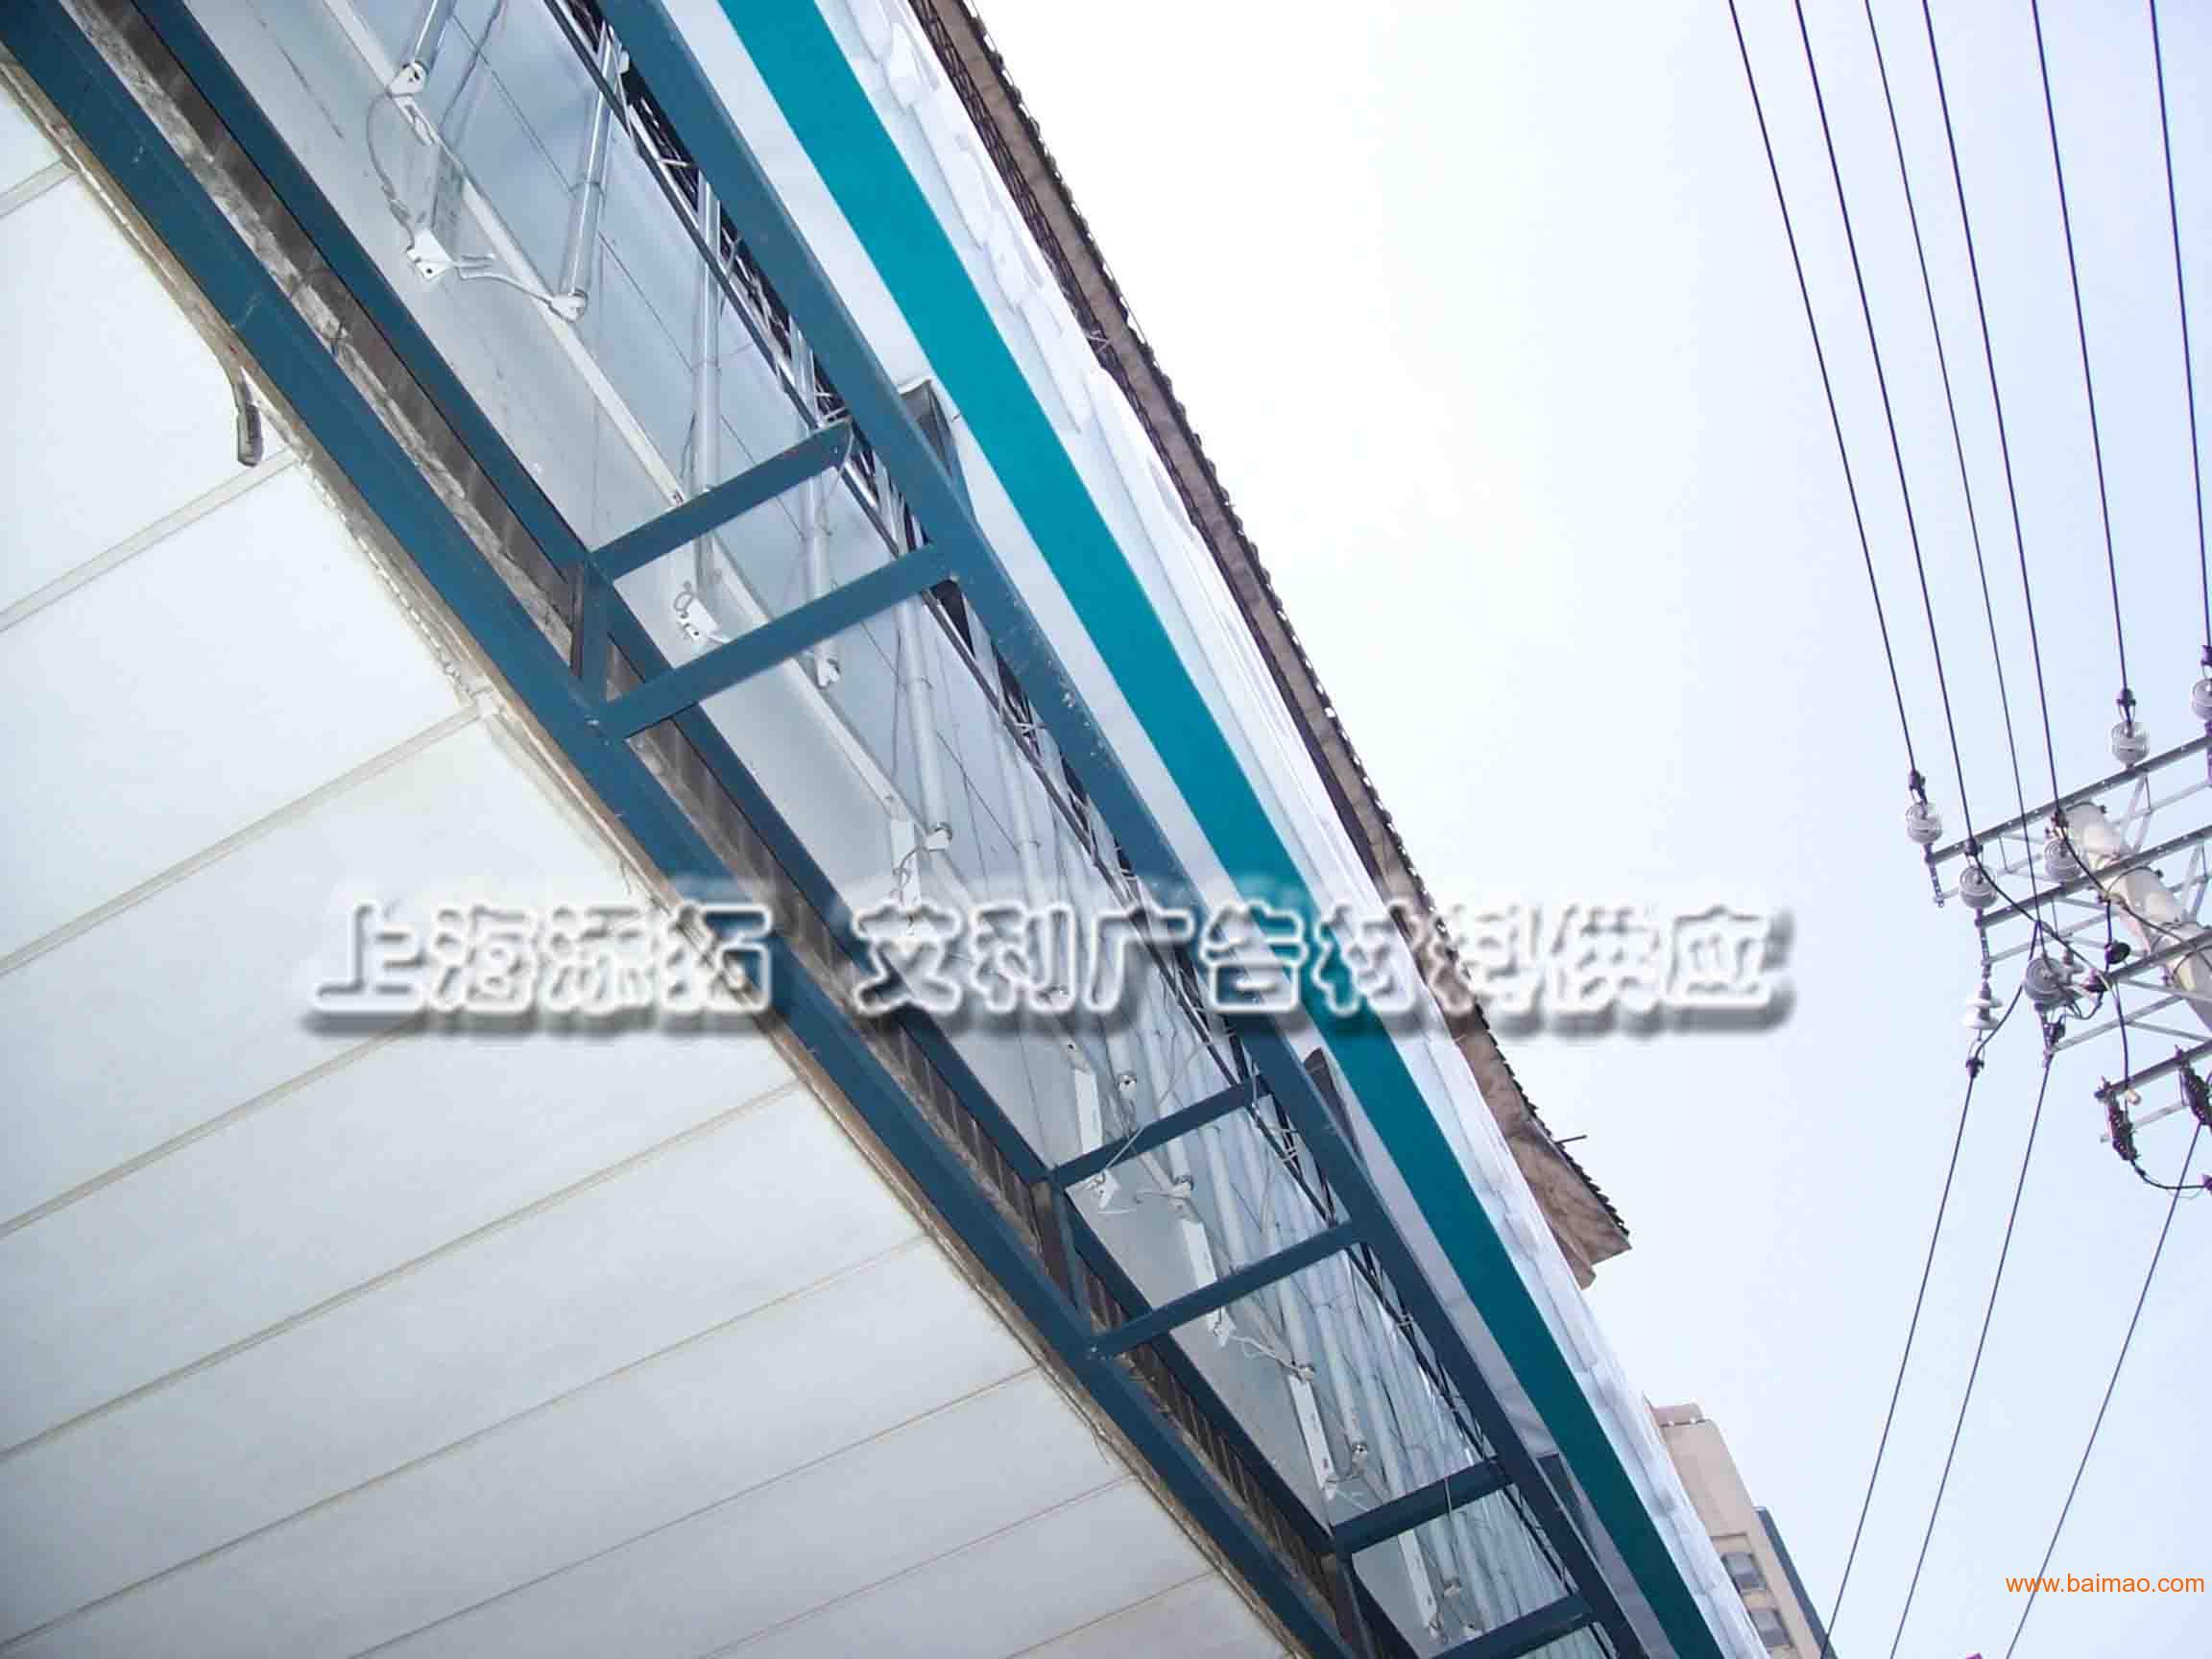 艾利汉口银行门头招牌灯箱布防撞条制作高清图片